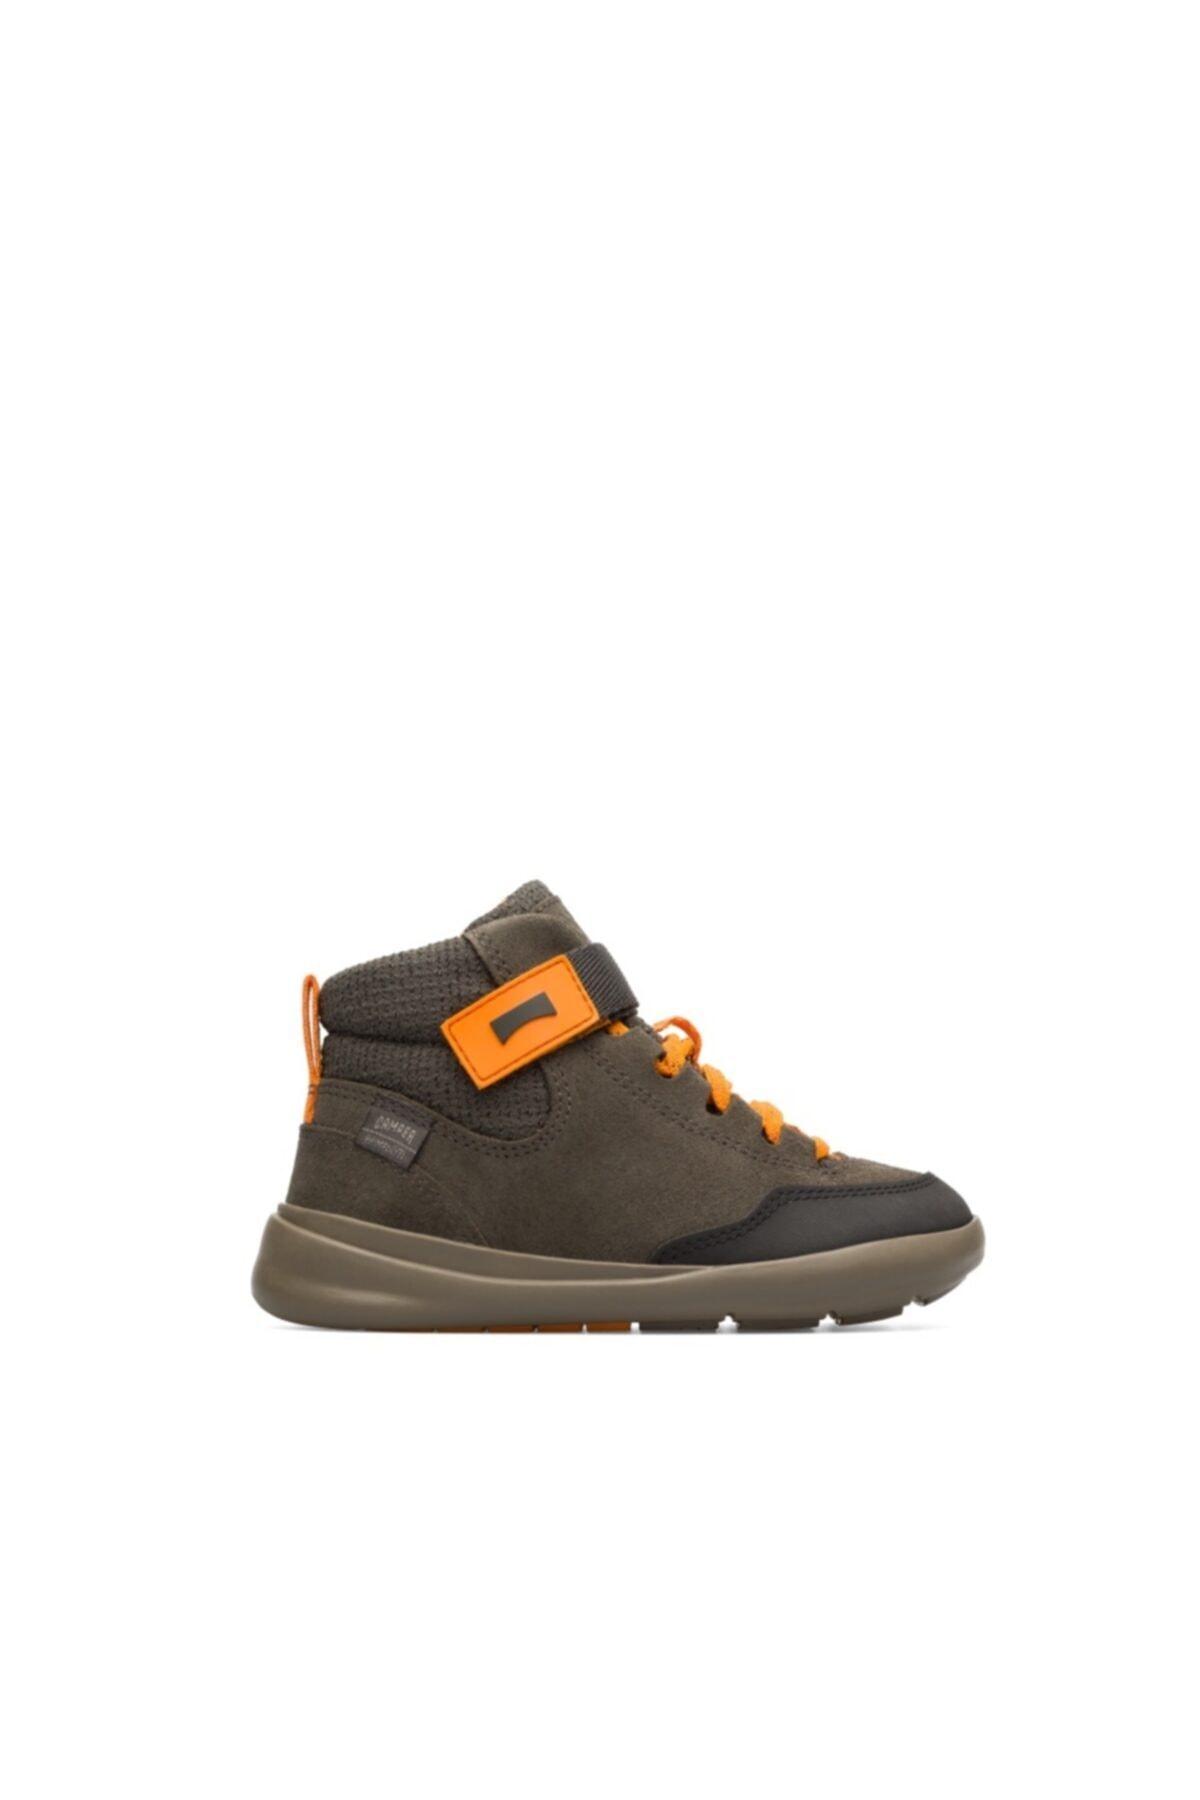 CAMPER Unisex Çocuk Turuncu Casual Ayakkabı K900227-001 1